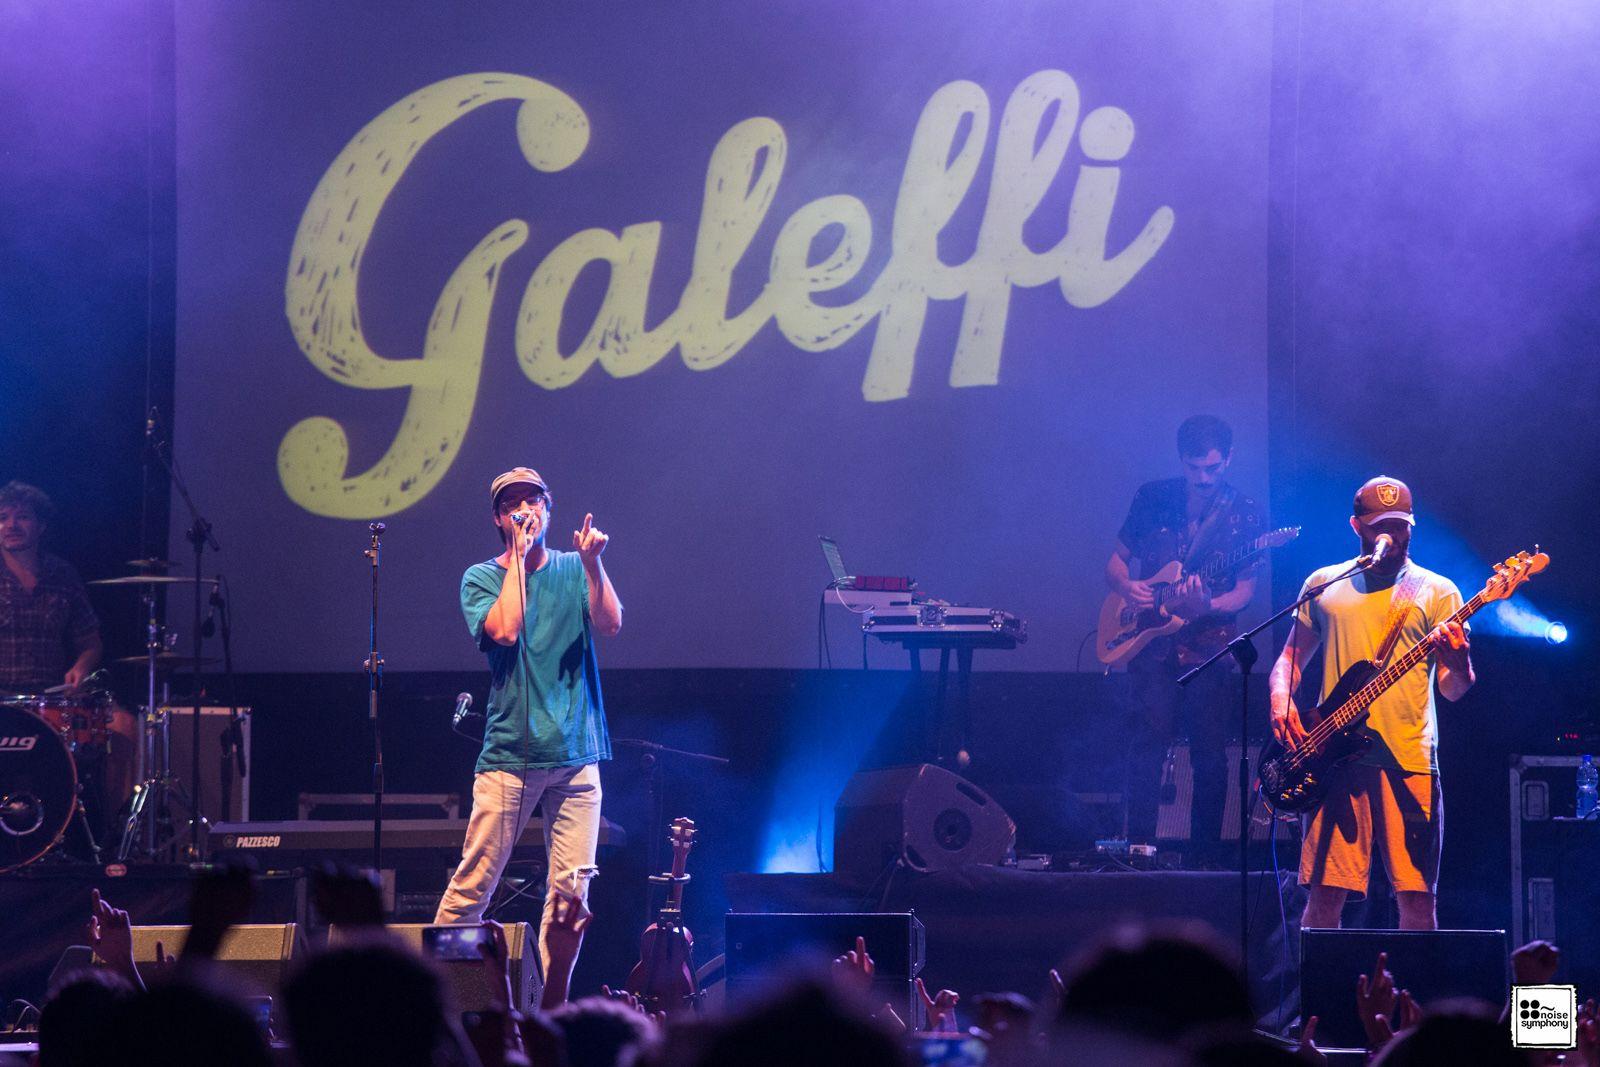 Galeffi